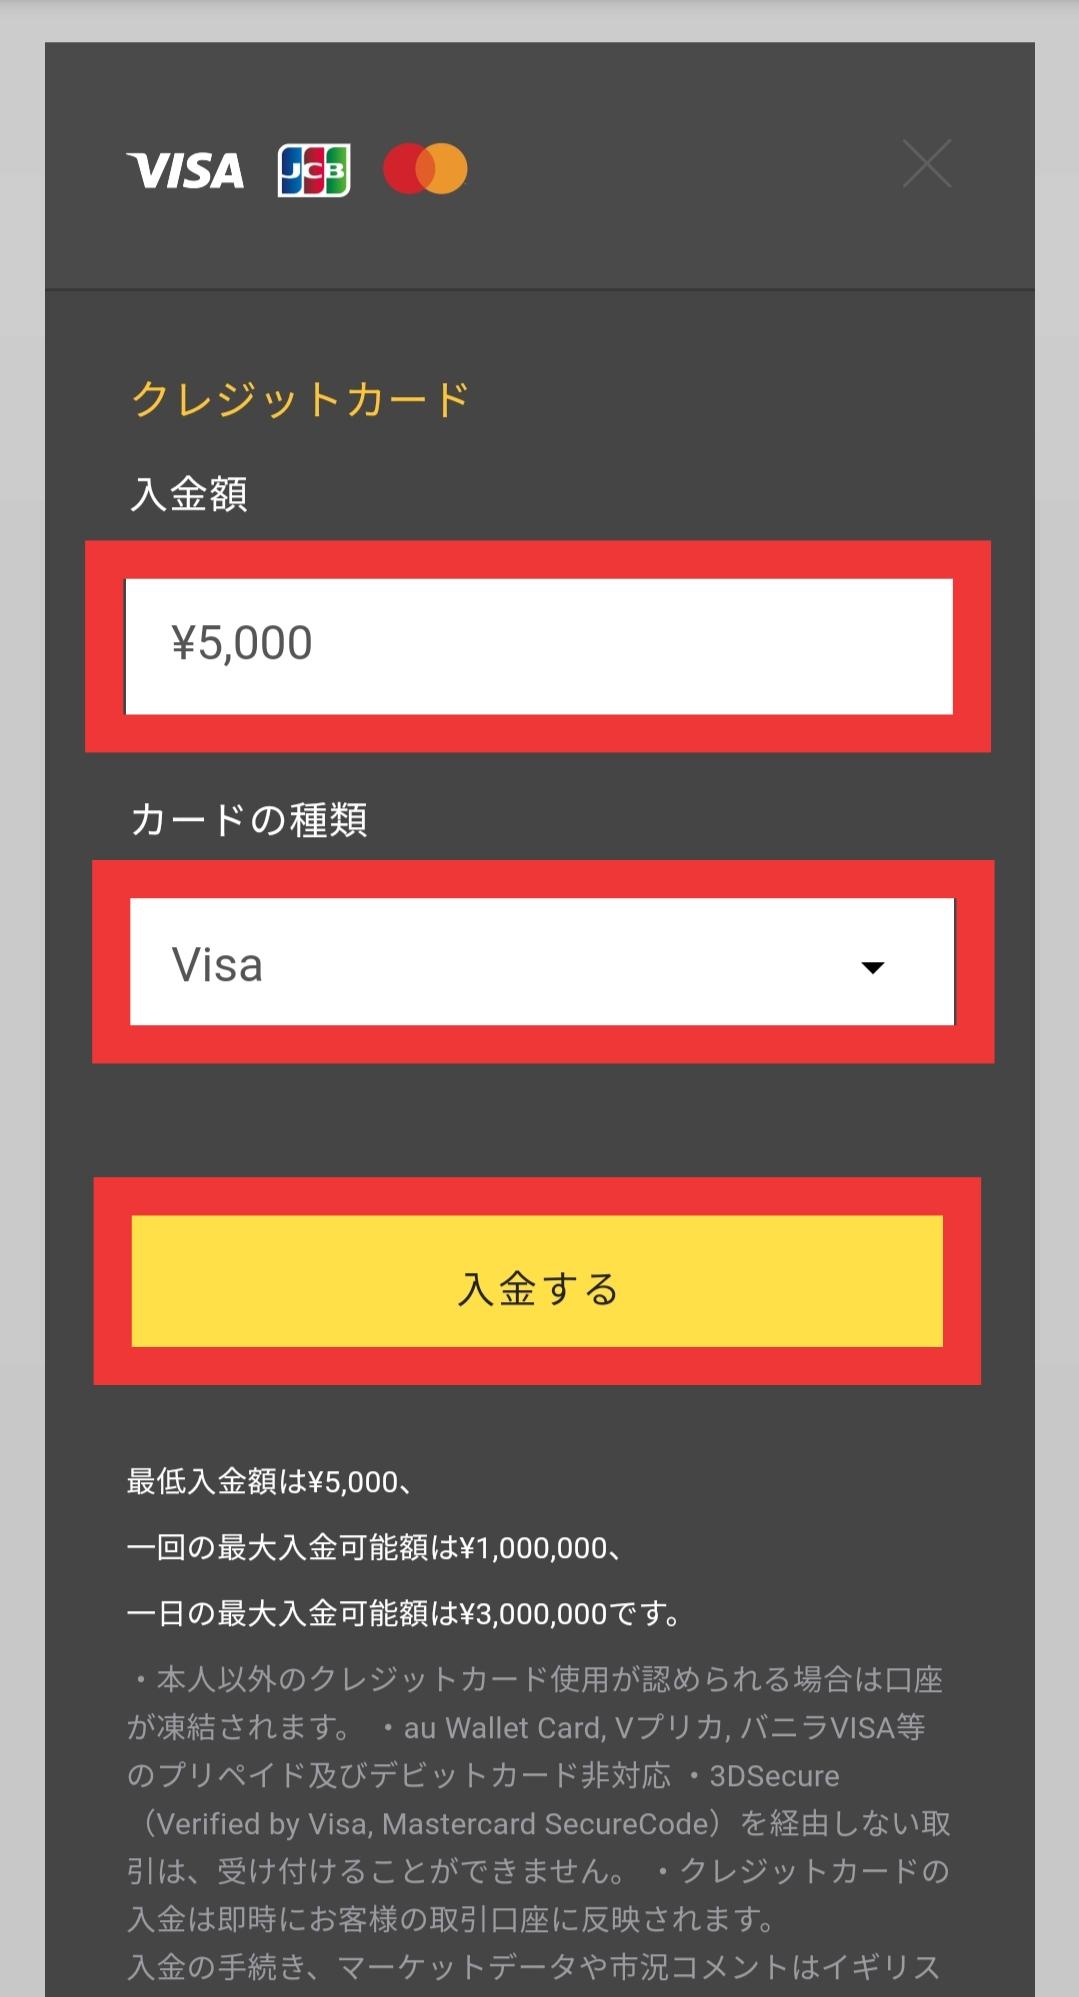 『クレジットカード』での入金方法